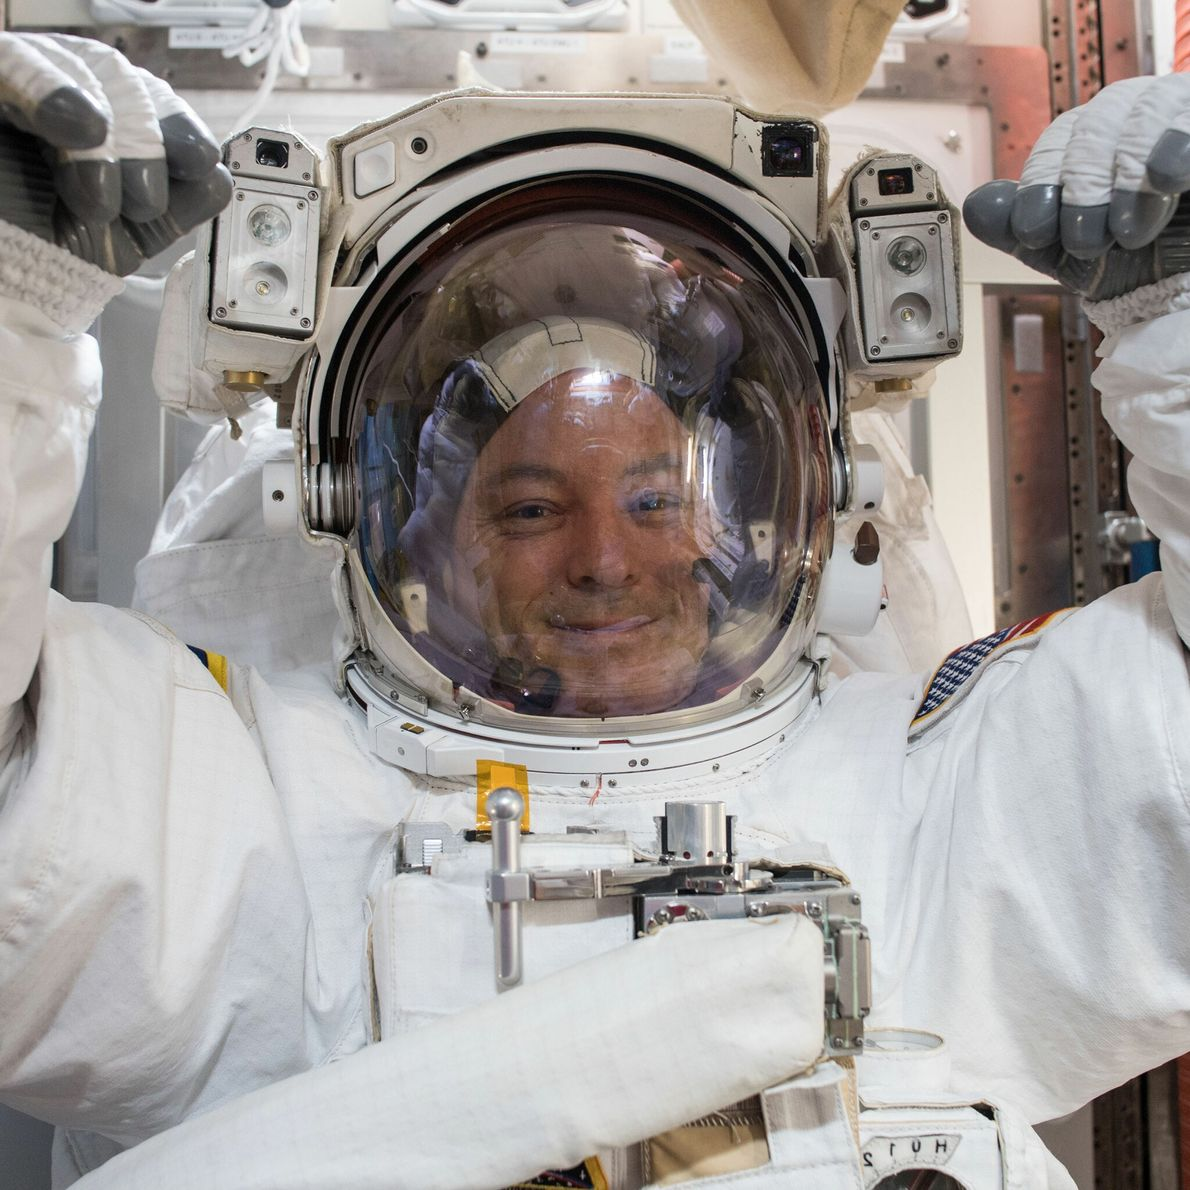 Scott Tingle - promotion d'astronautes 2009, 168 jours dans l'espace.